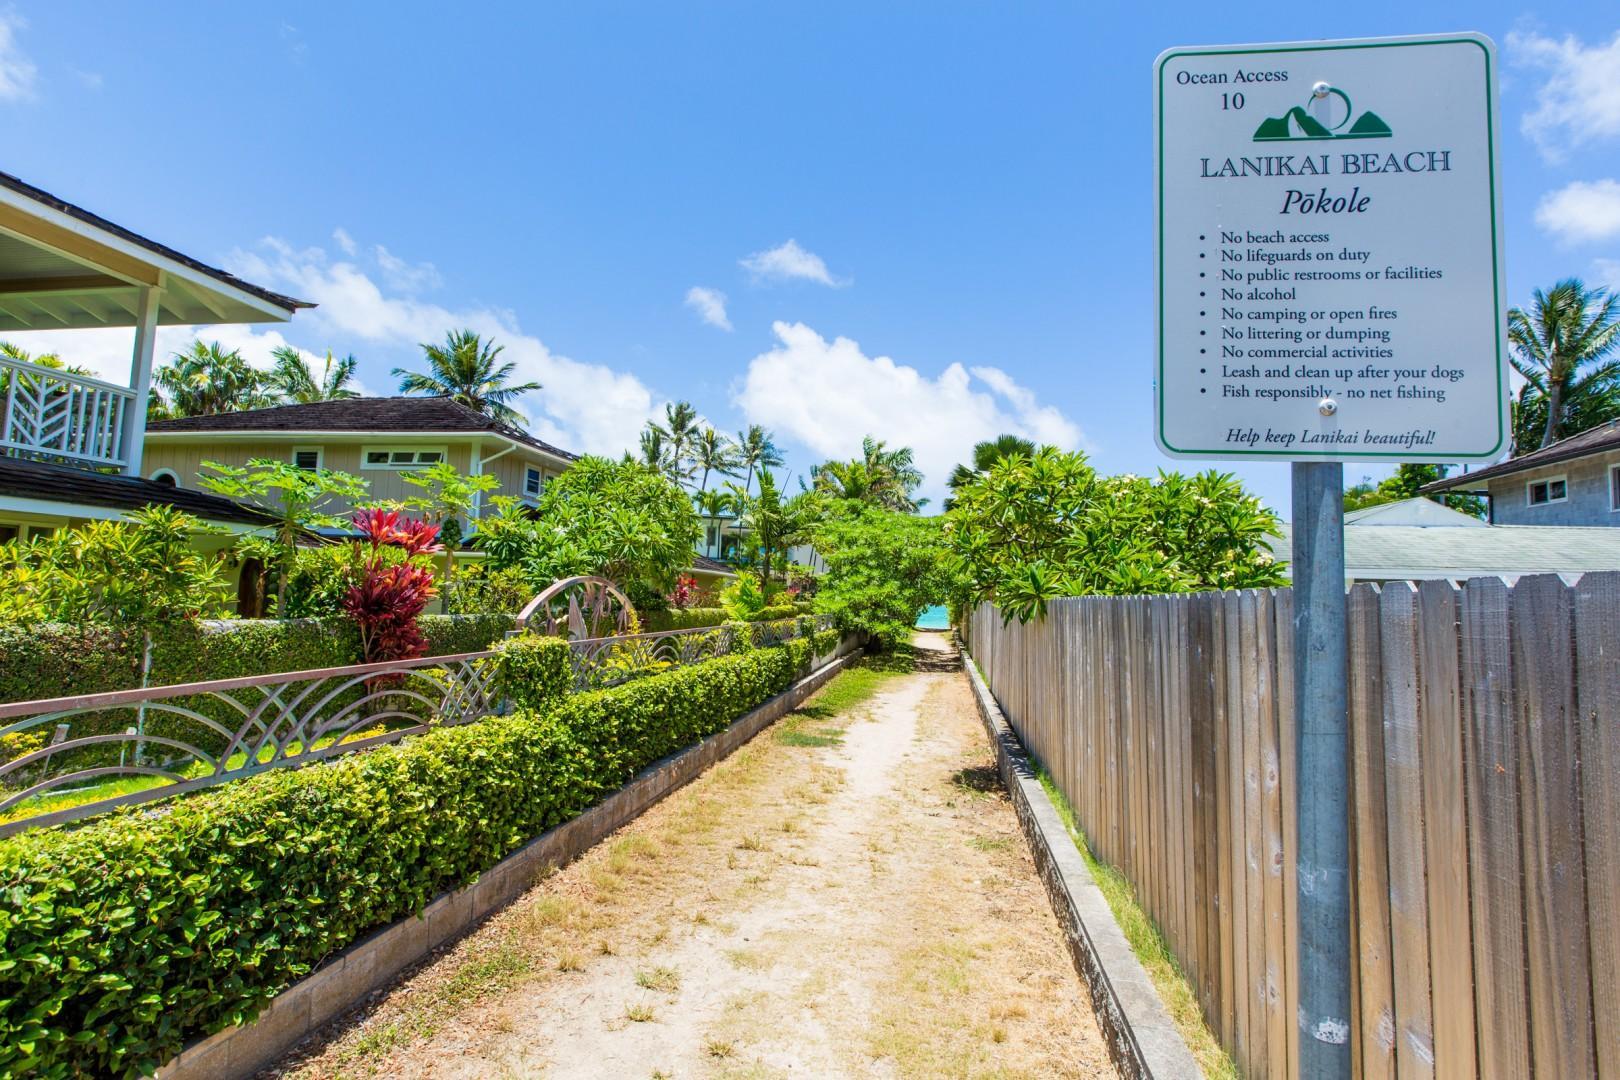 Just a short walk to a lanikai beach cove!